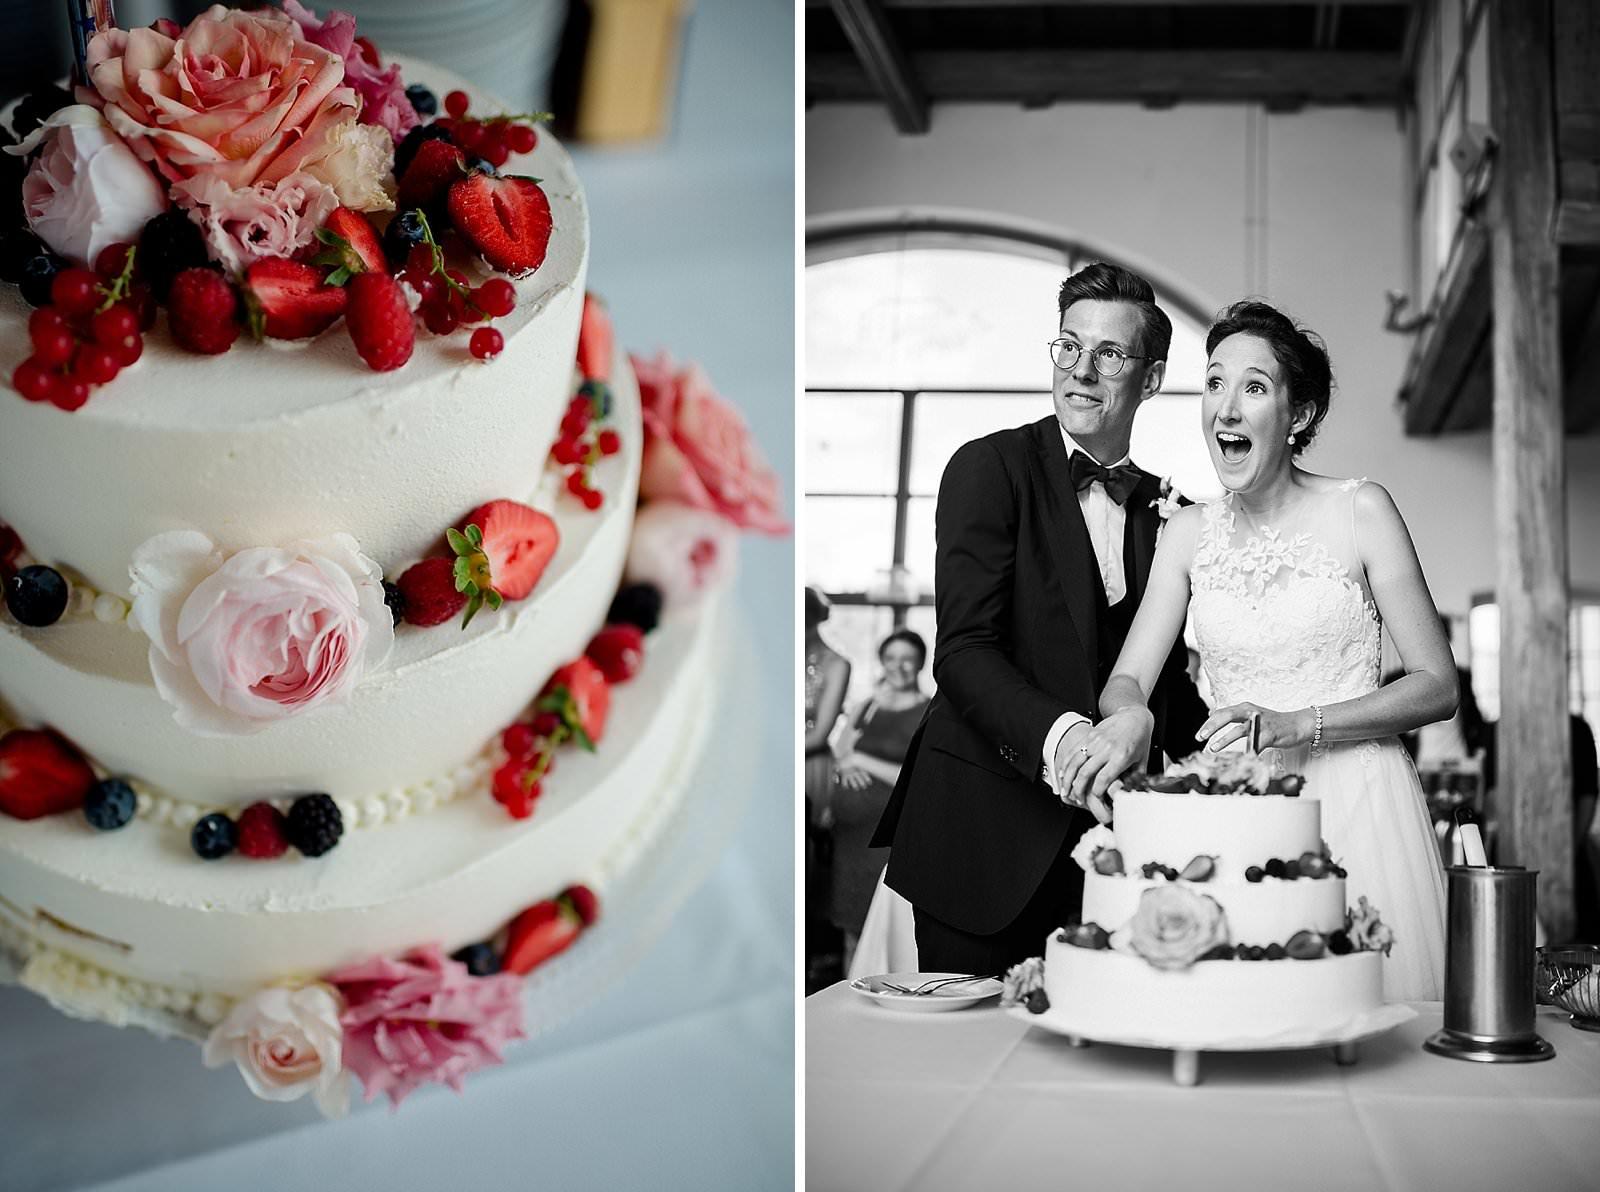 Fotograf Konstanz - Hochzeitsfotograf Bodensee Zollhaus Ludwigshafen Hochzeit Konstanz EFP 045 - Hochzeitsreportage im Zollhaus in Bodman-Ludwigshafen, Bodensee  - 175 -